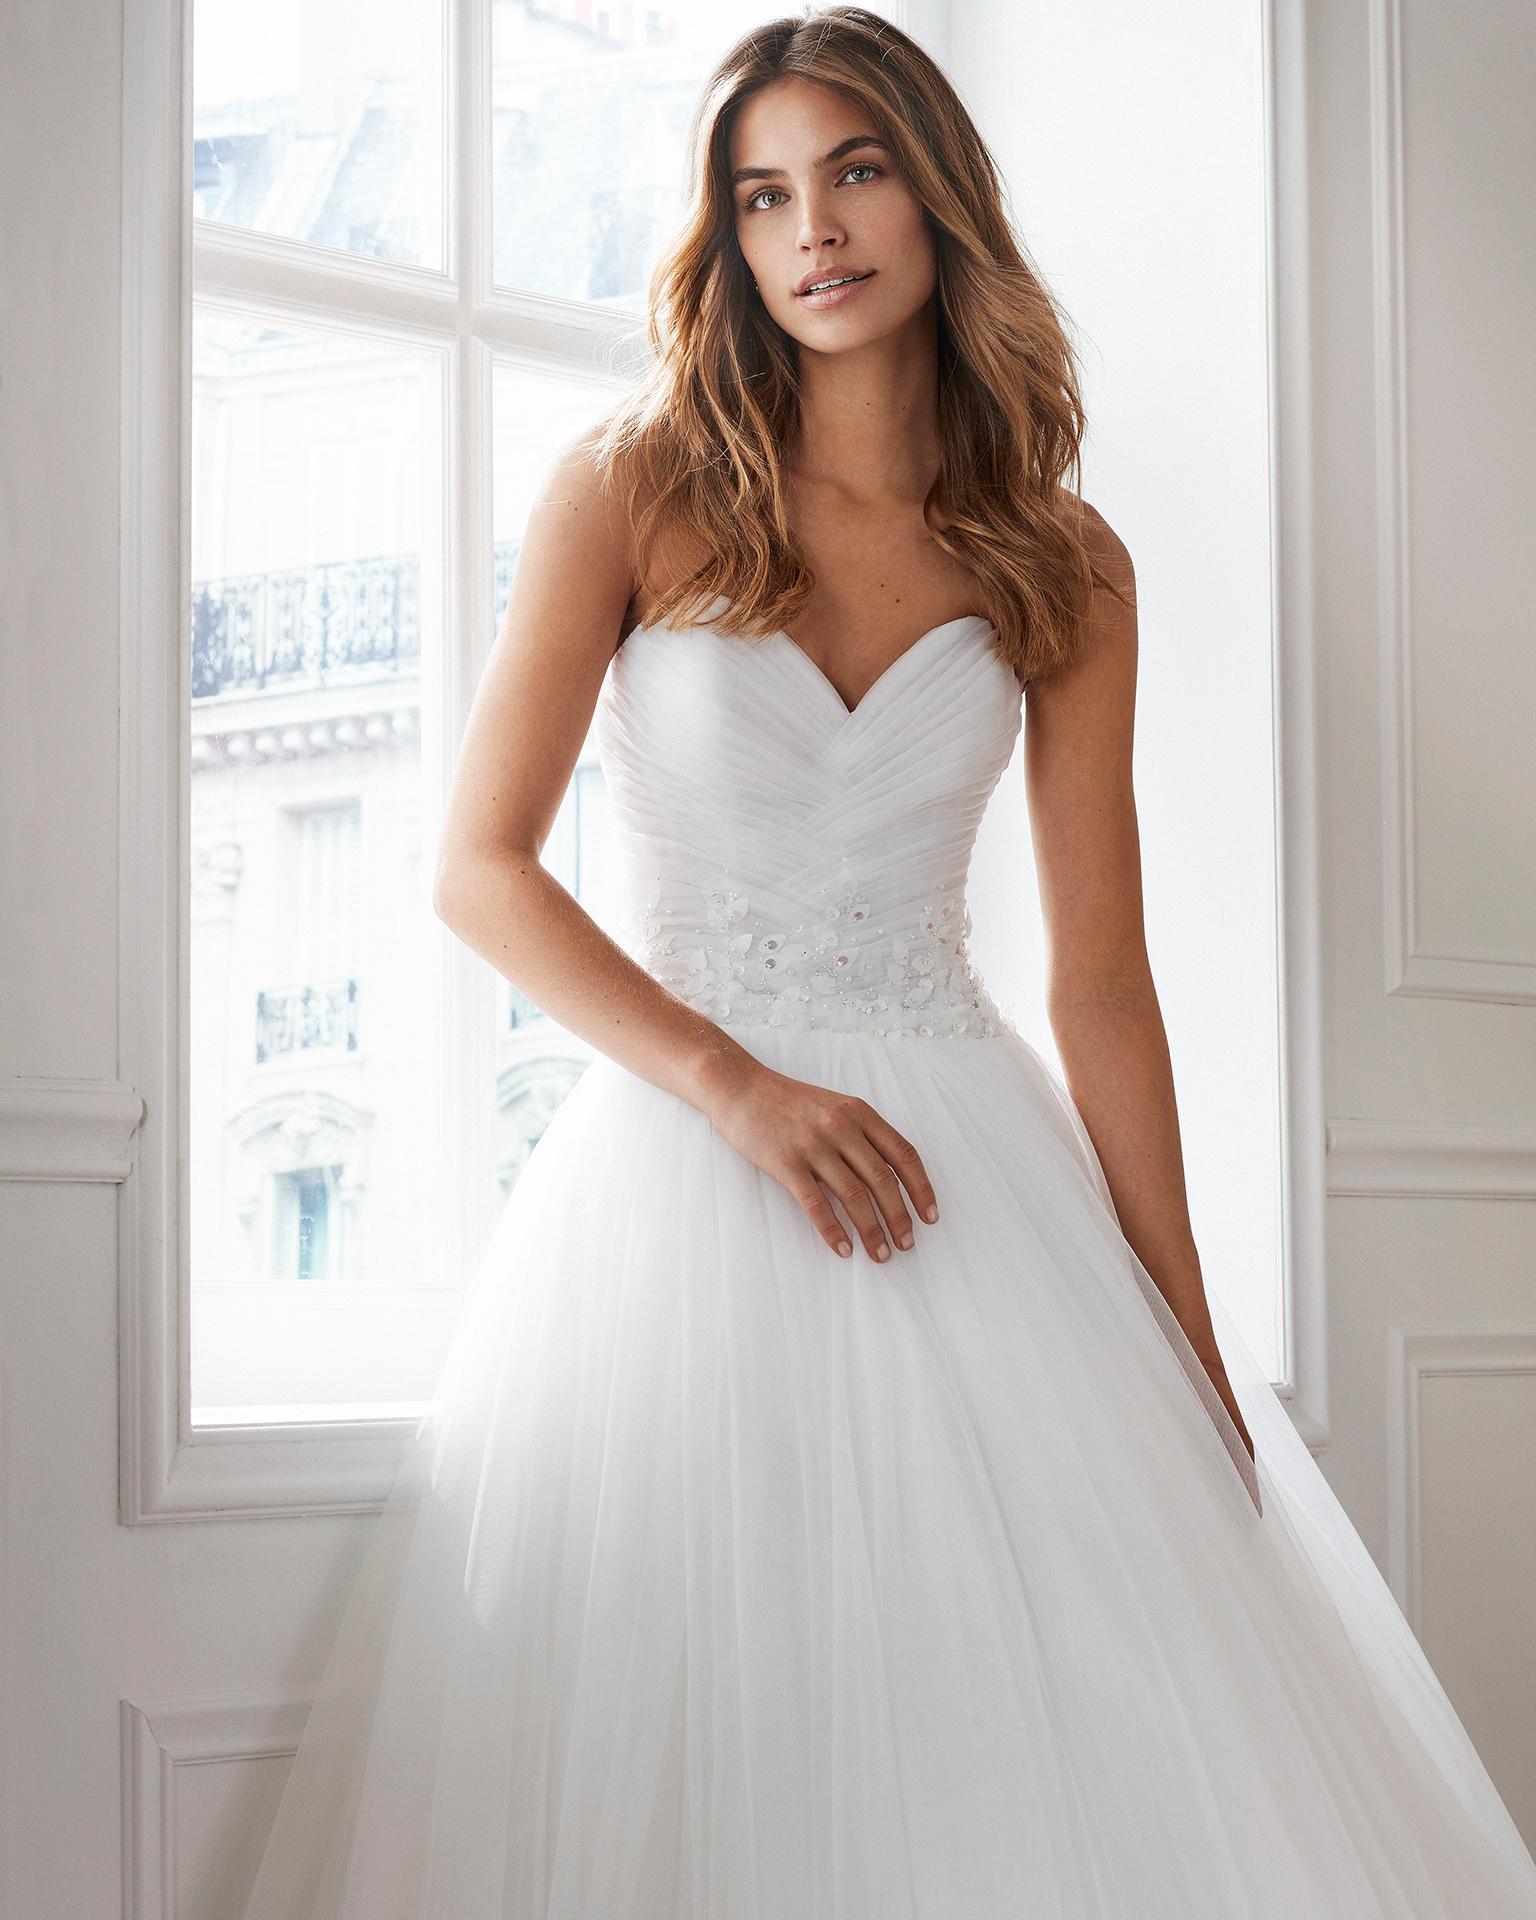 Vestido de novia estilo princesa en tul. Escote corazón y detalles de pedrería en cintura. Disponible en color natural. Colección  2019.